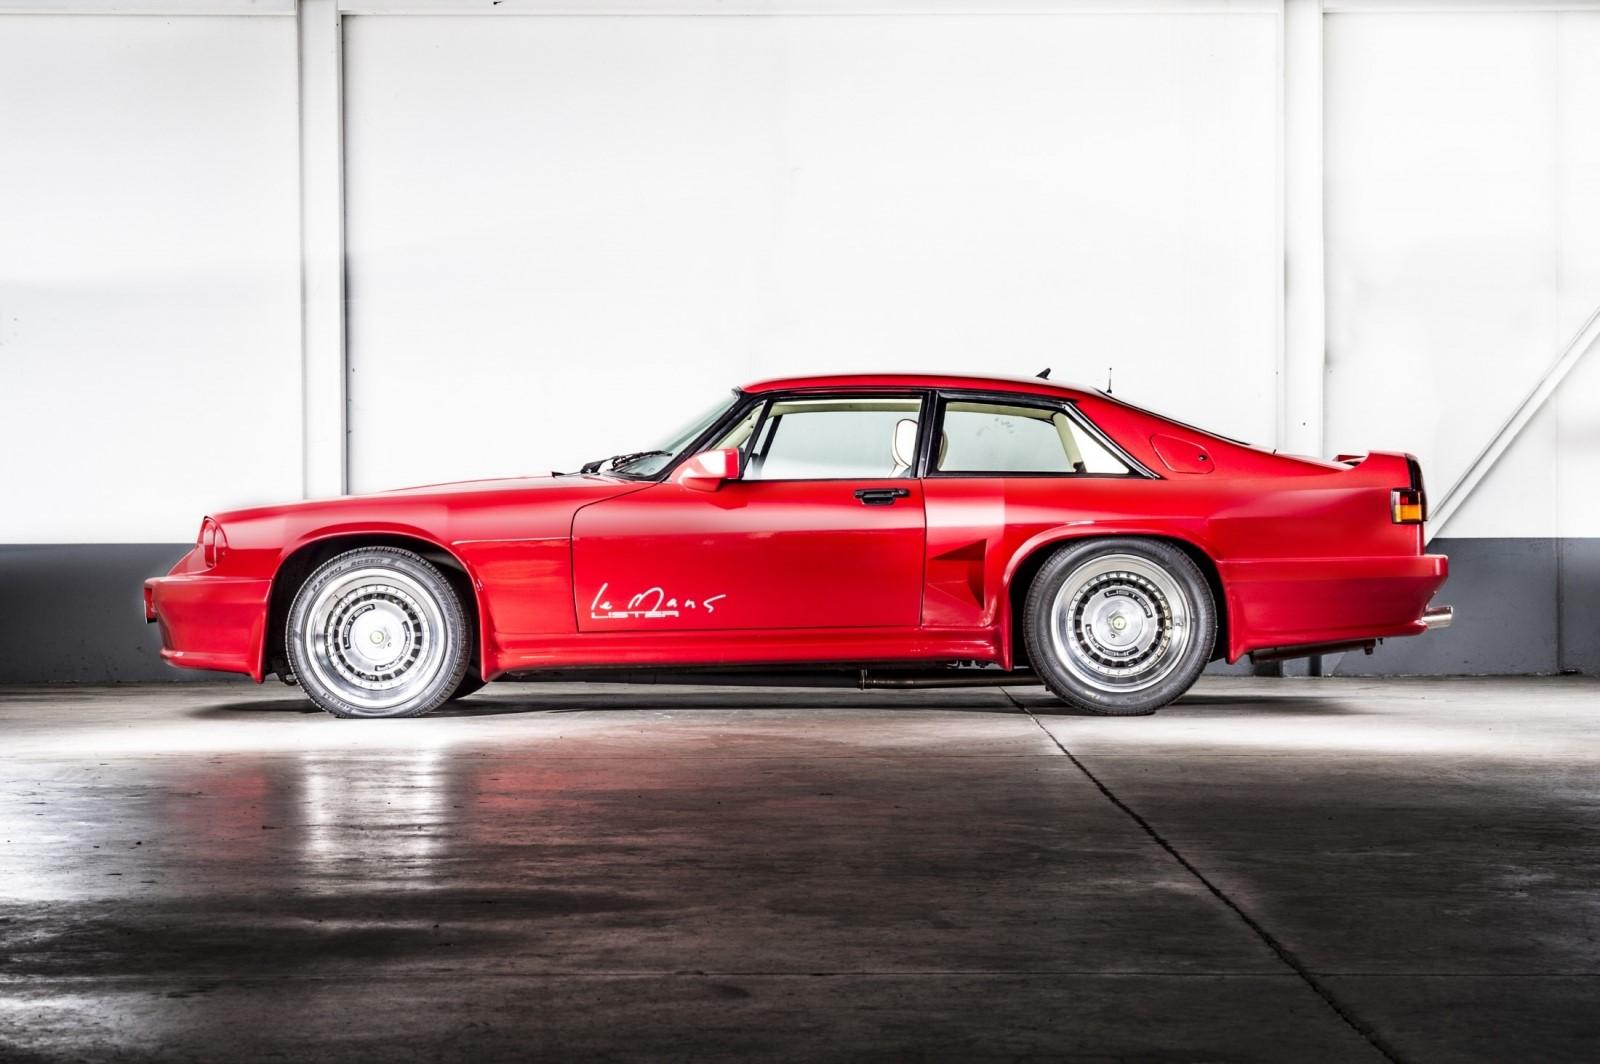 Lister Jaguar XJS 7.0 Le Mans Coupe for sale (5)